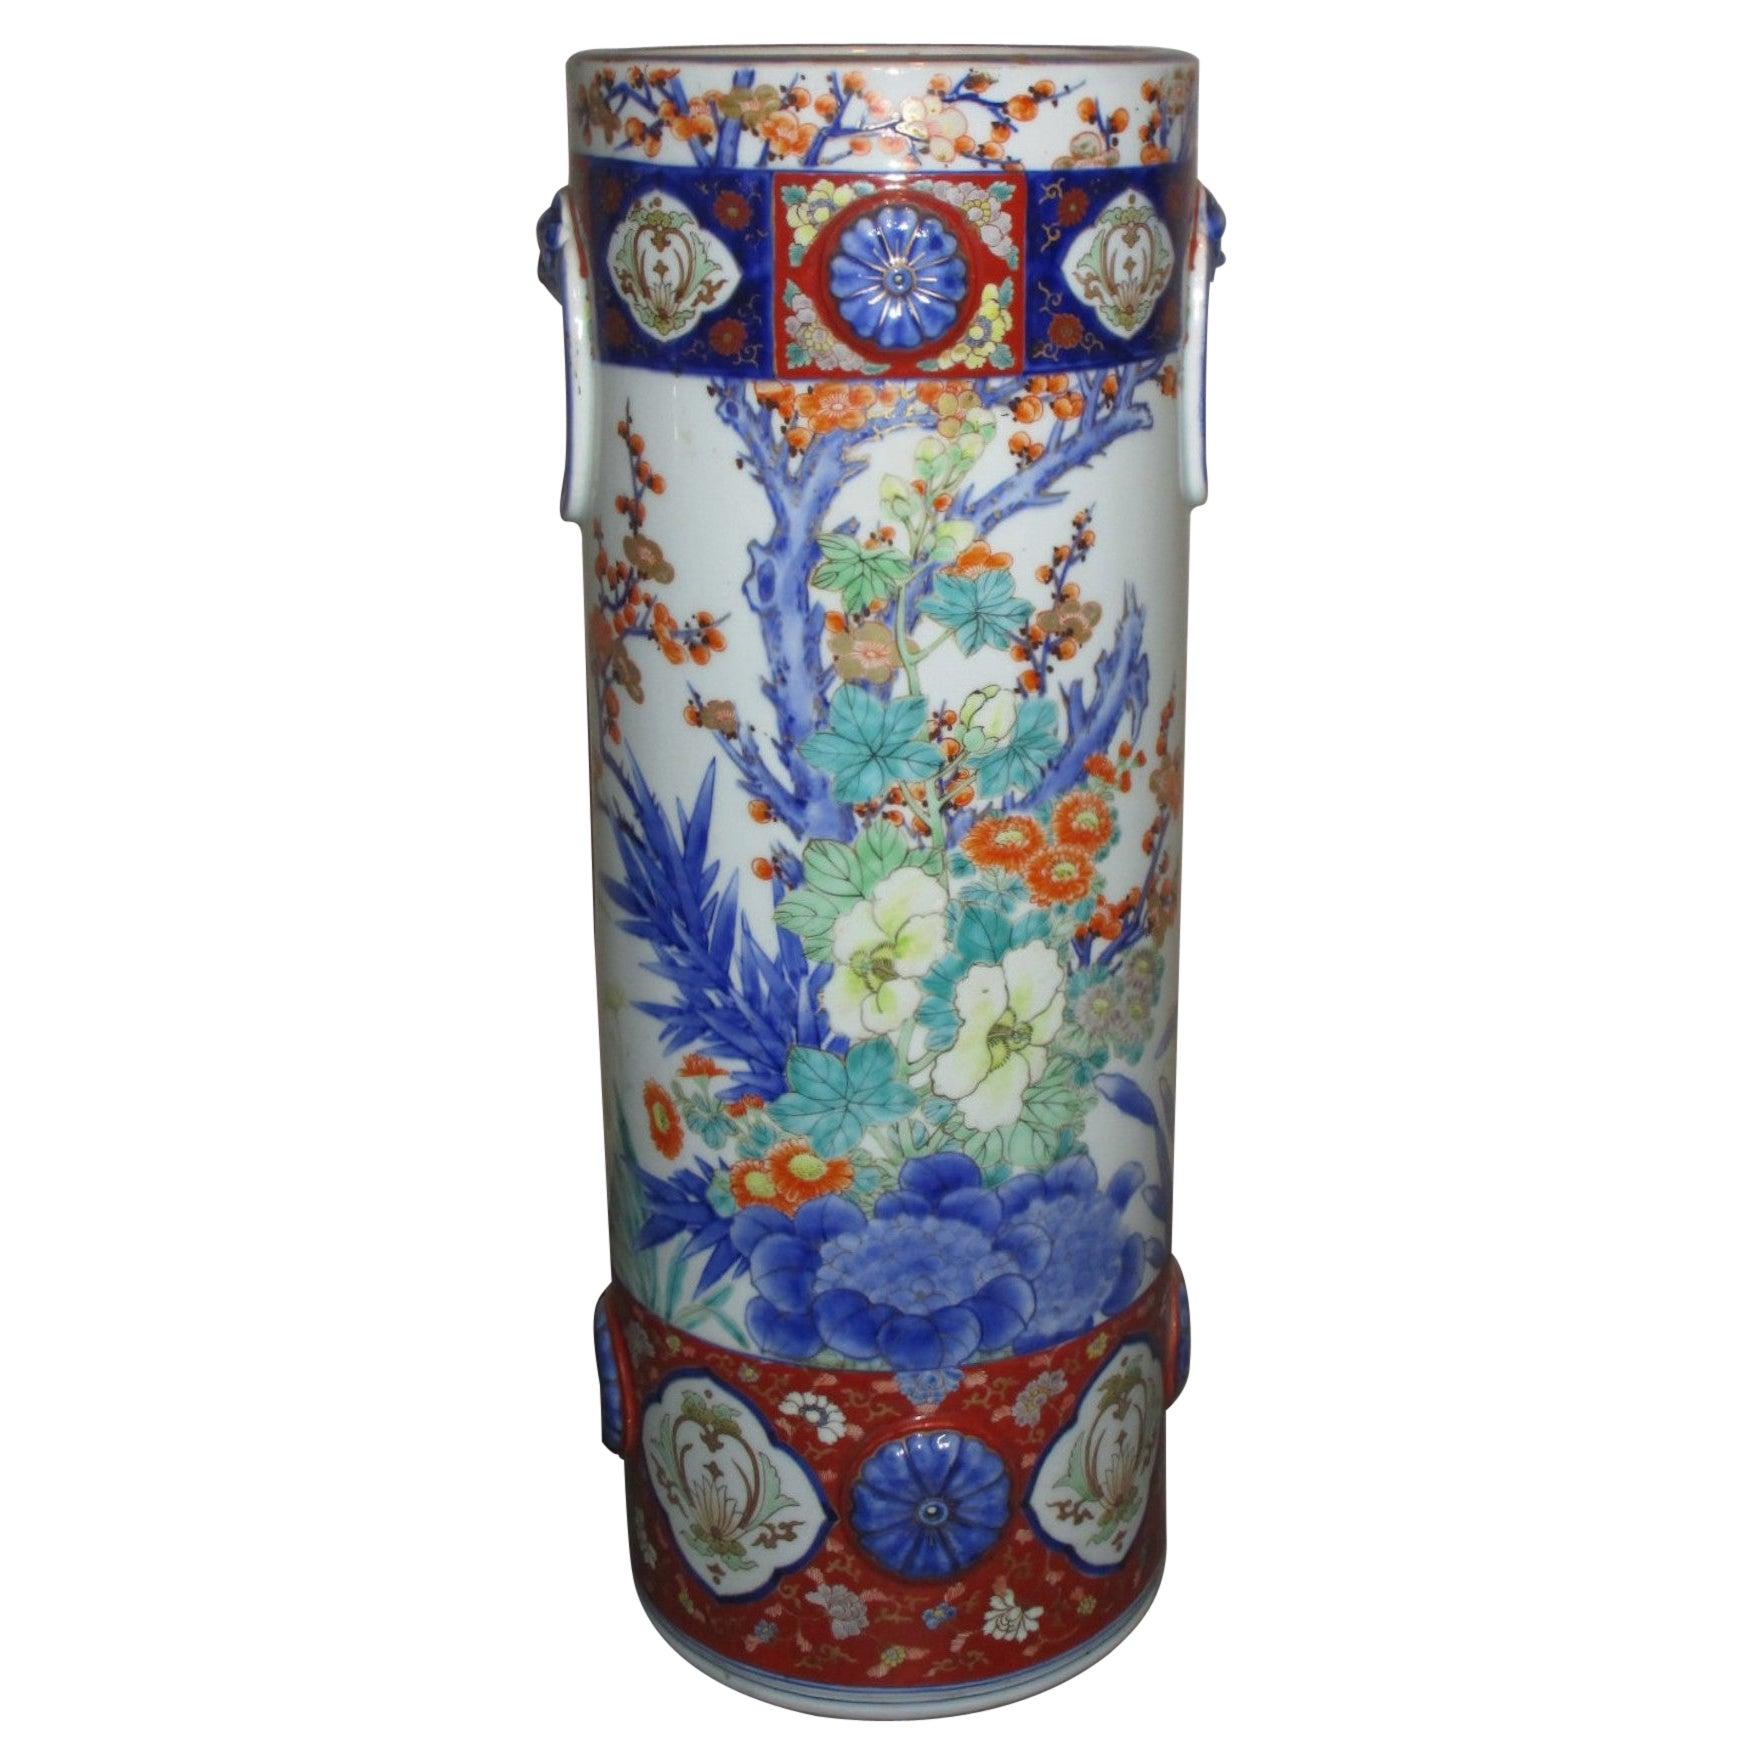 Japanese Meiji Period Fukagawa Imari Porcelain Vase, circa 1880